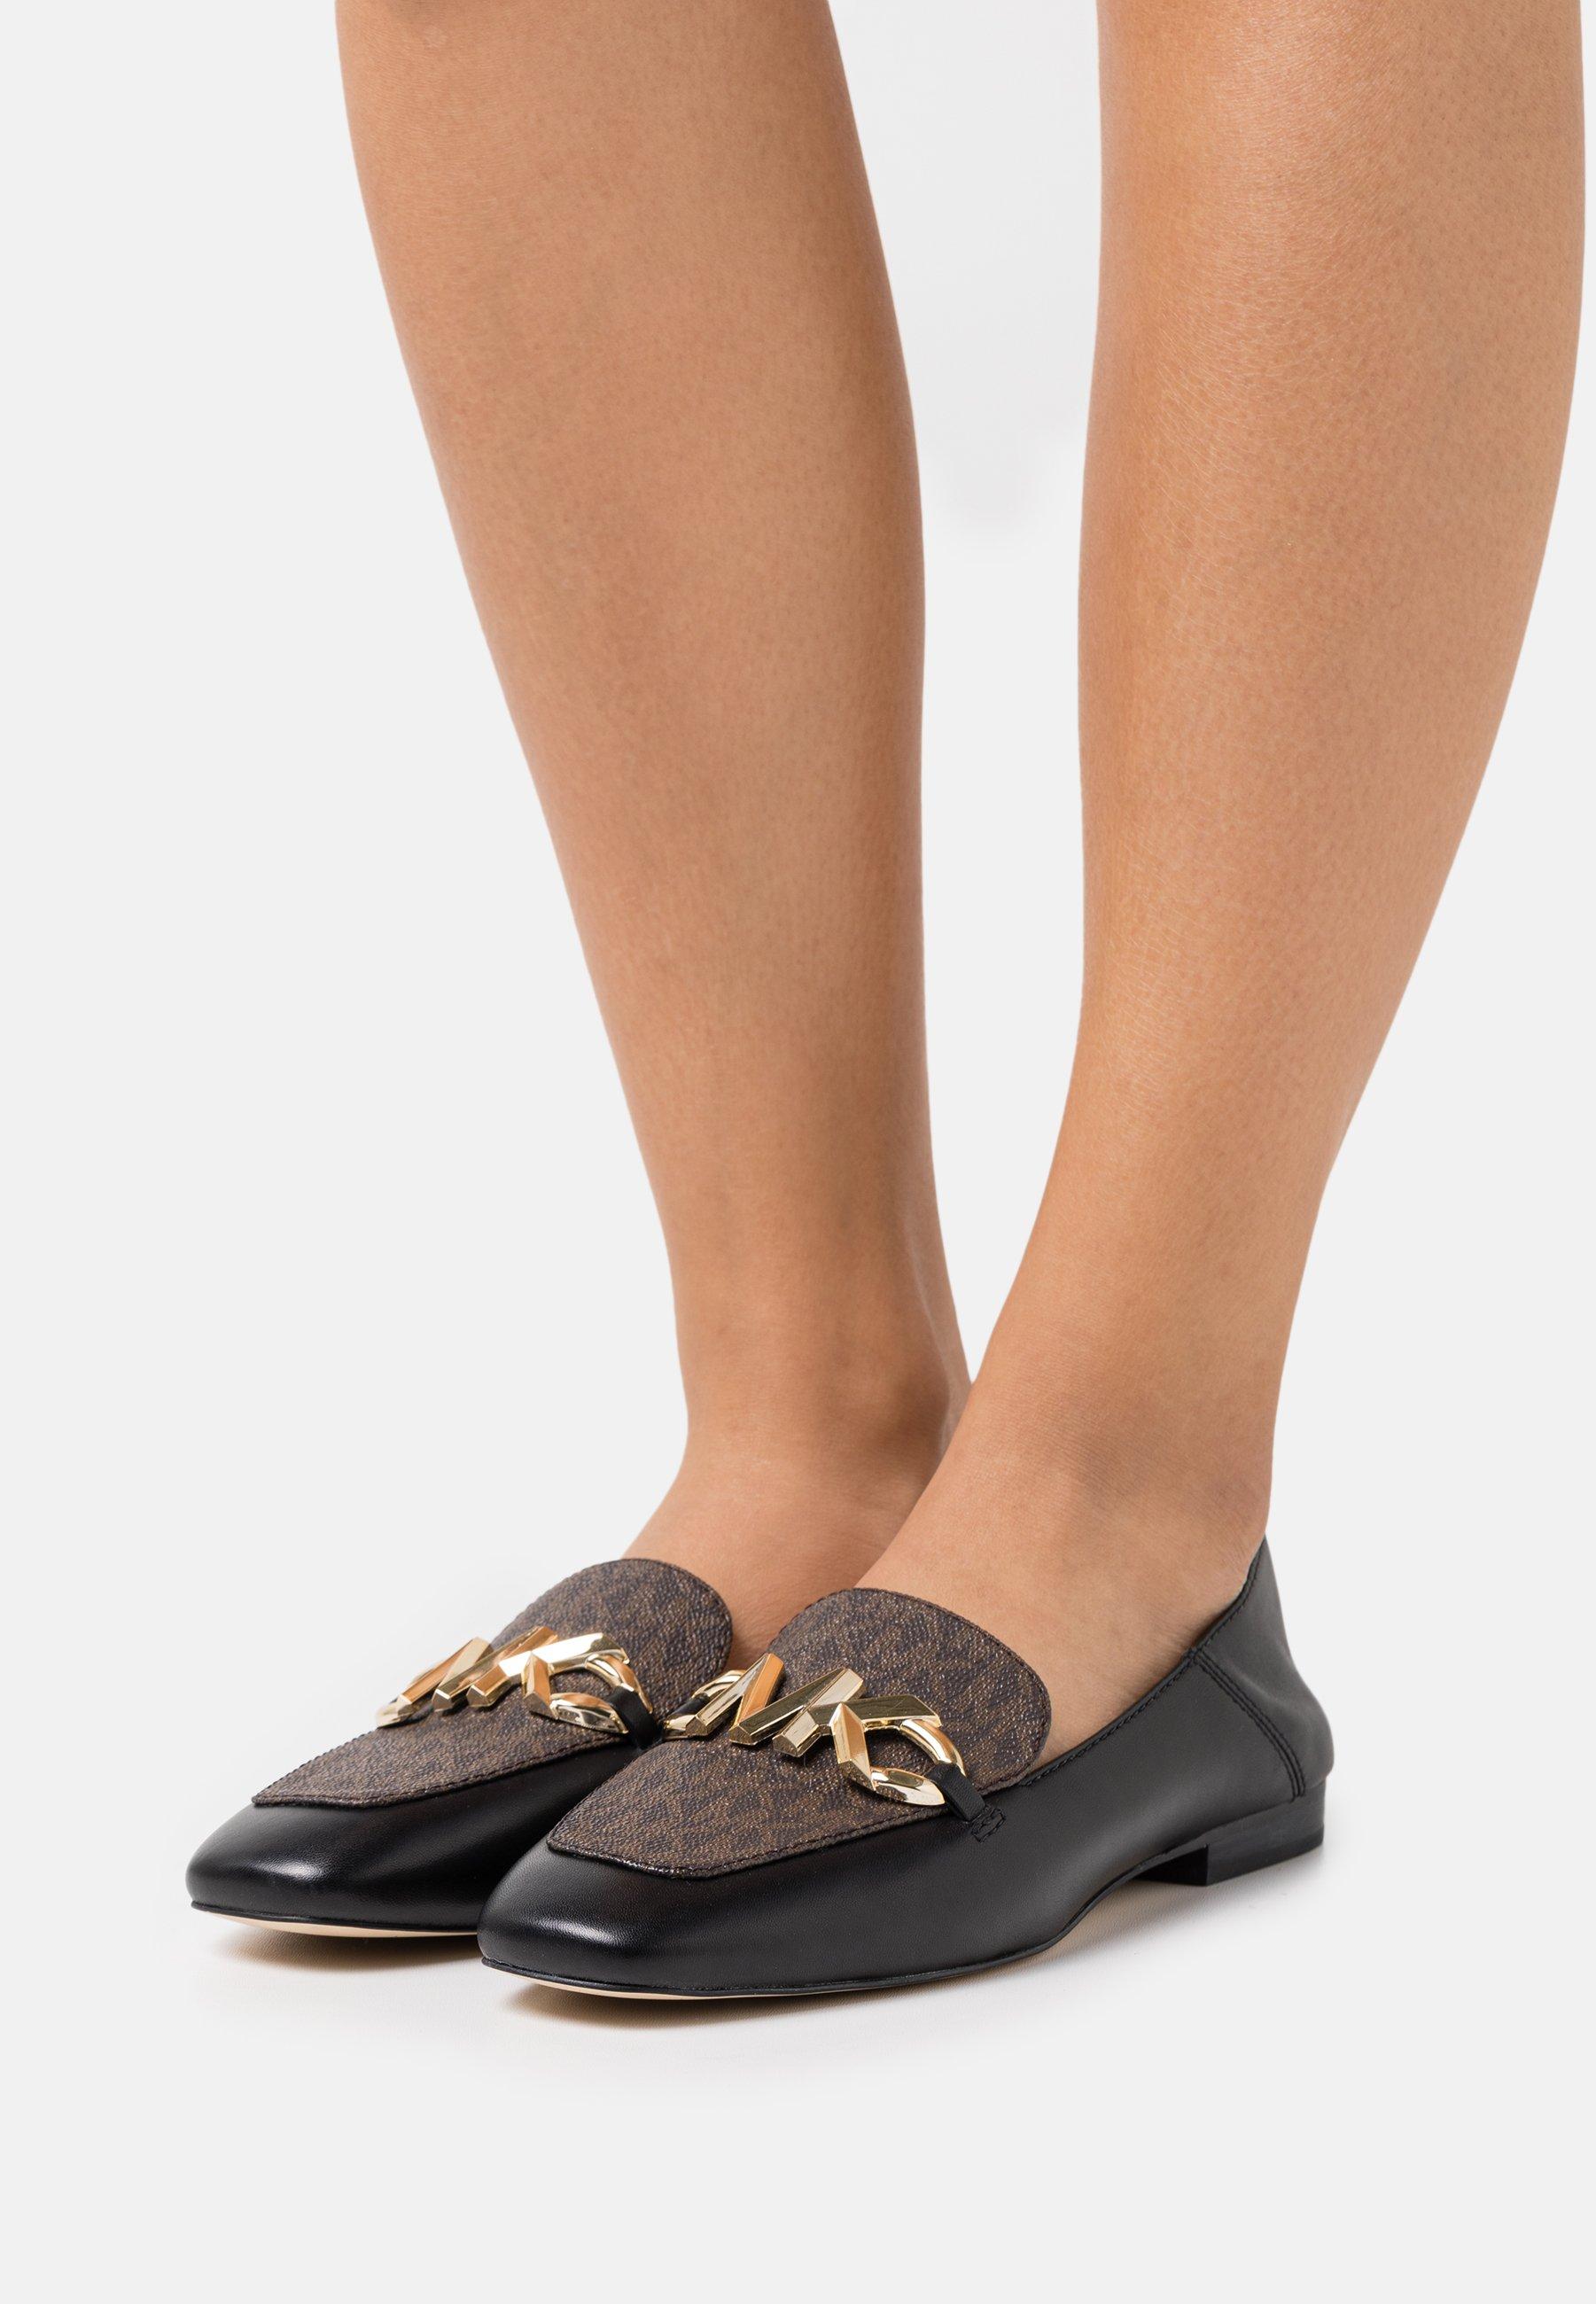 Women IZZY LOAFER - Slip-ons - black/brown